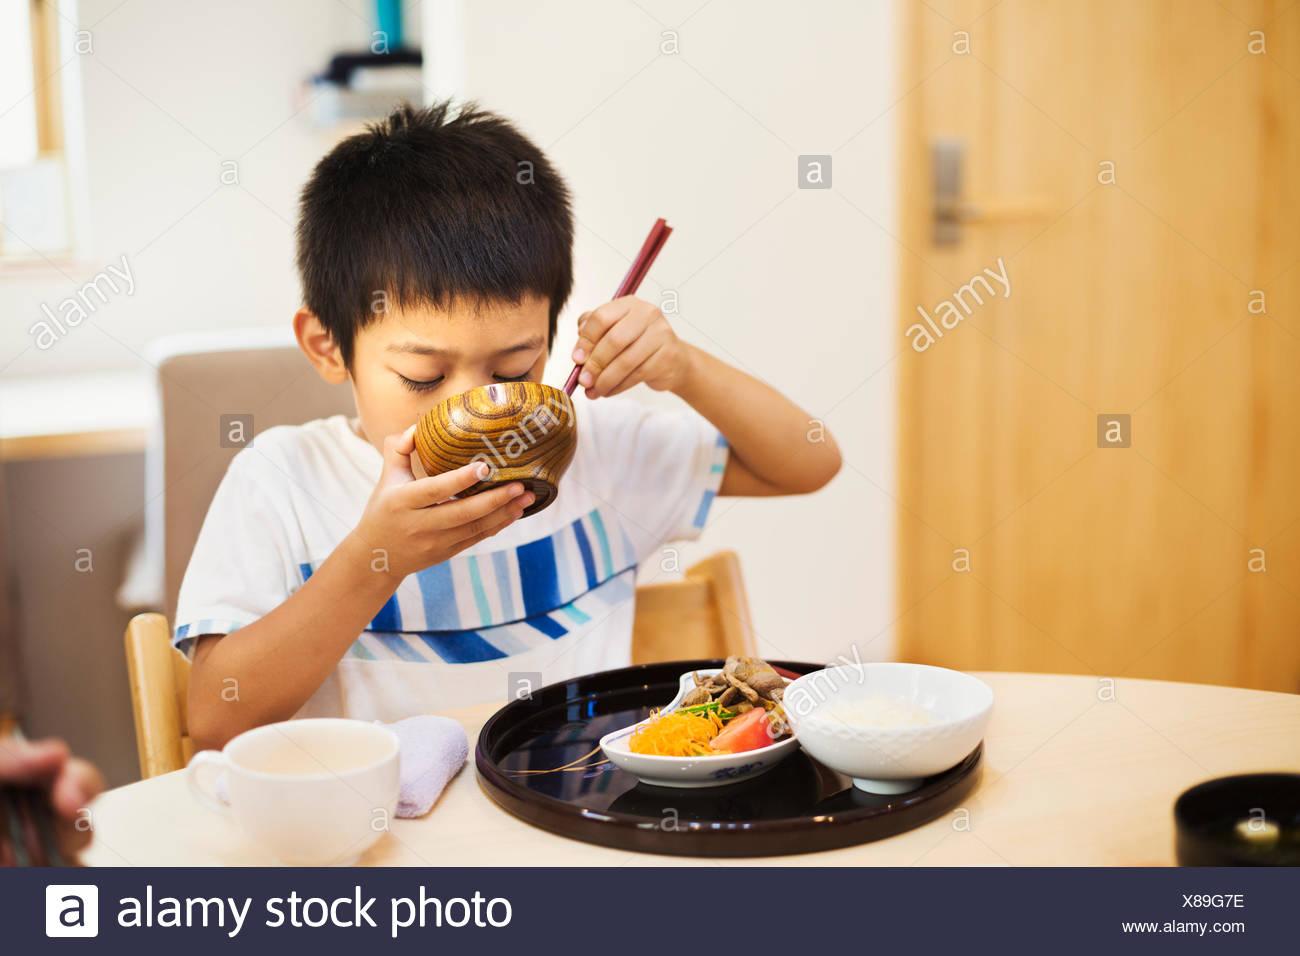 Maison de famille. Un garçon pour prendre un repas. Photo Stock